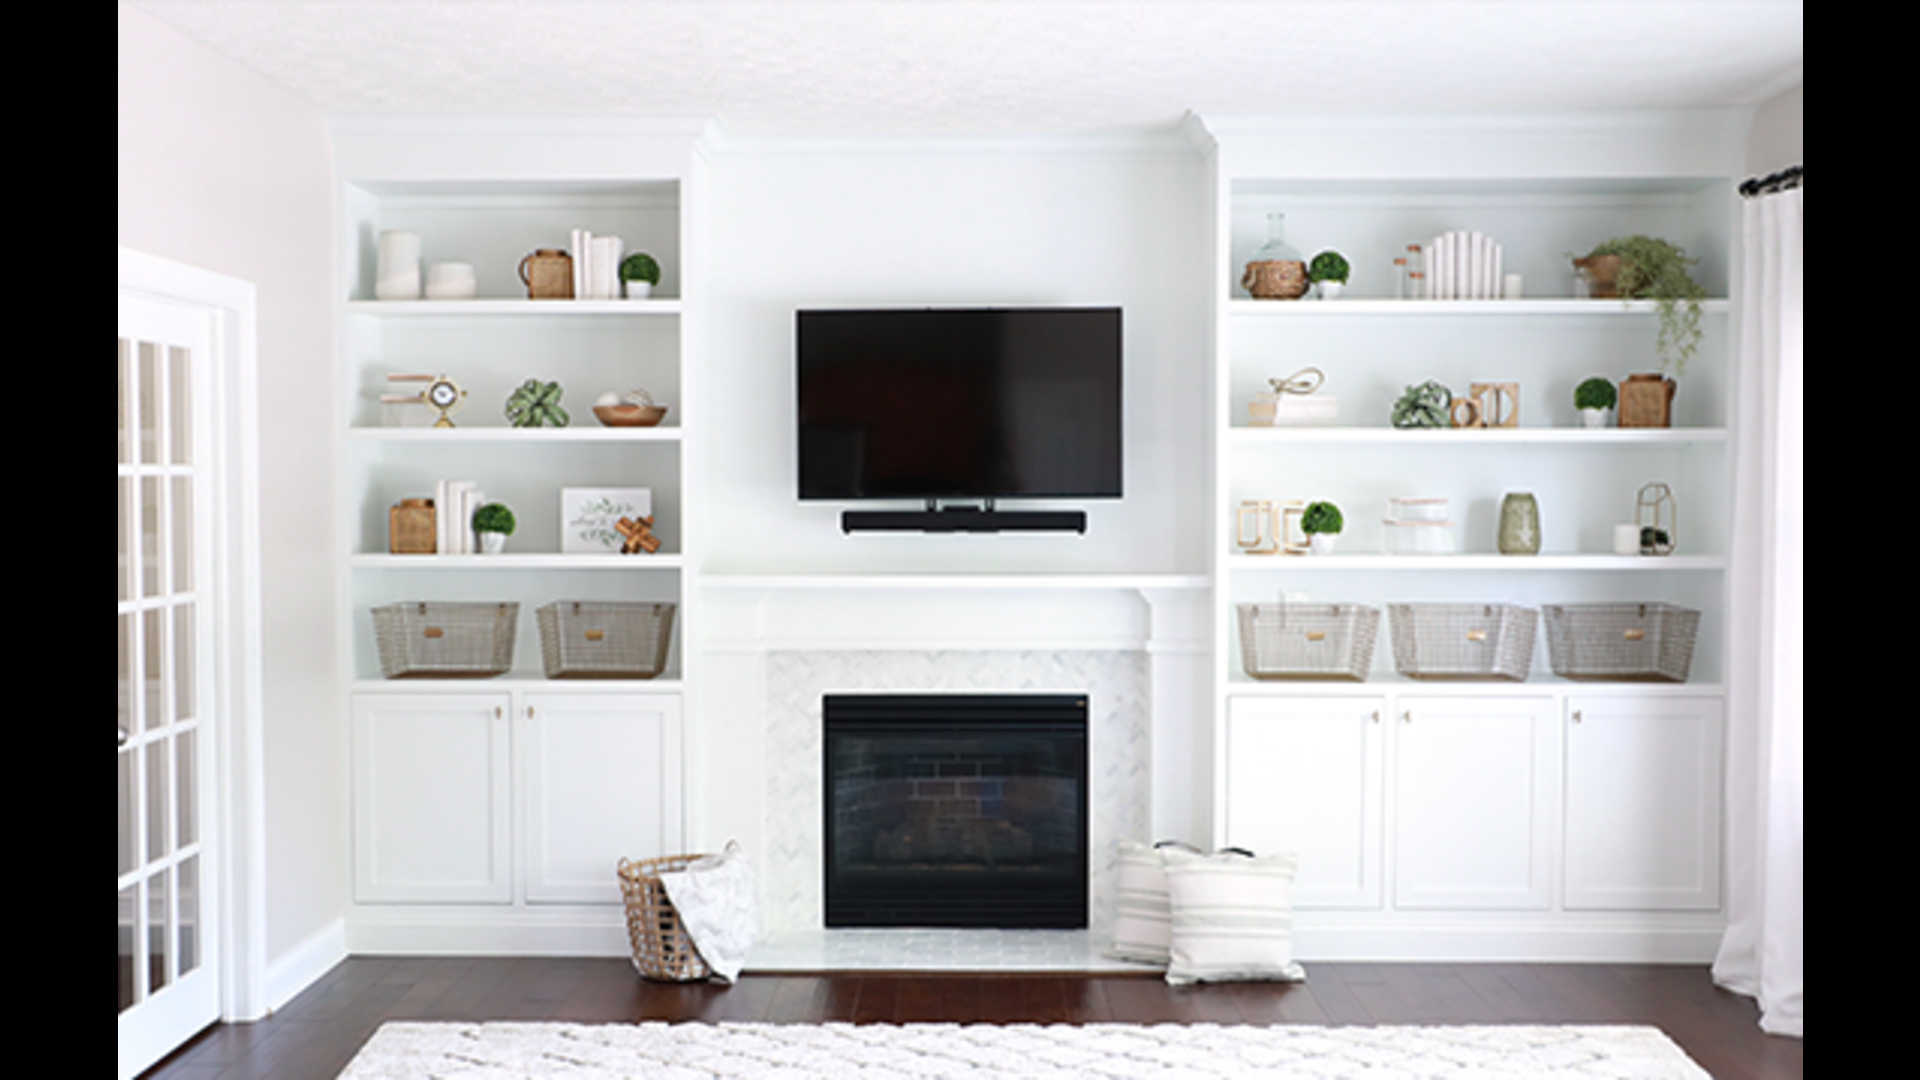 Built Ins Shelf Decorating Ideas Living Room from gvimage.zype.com